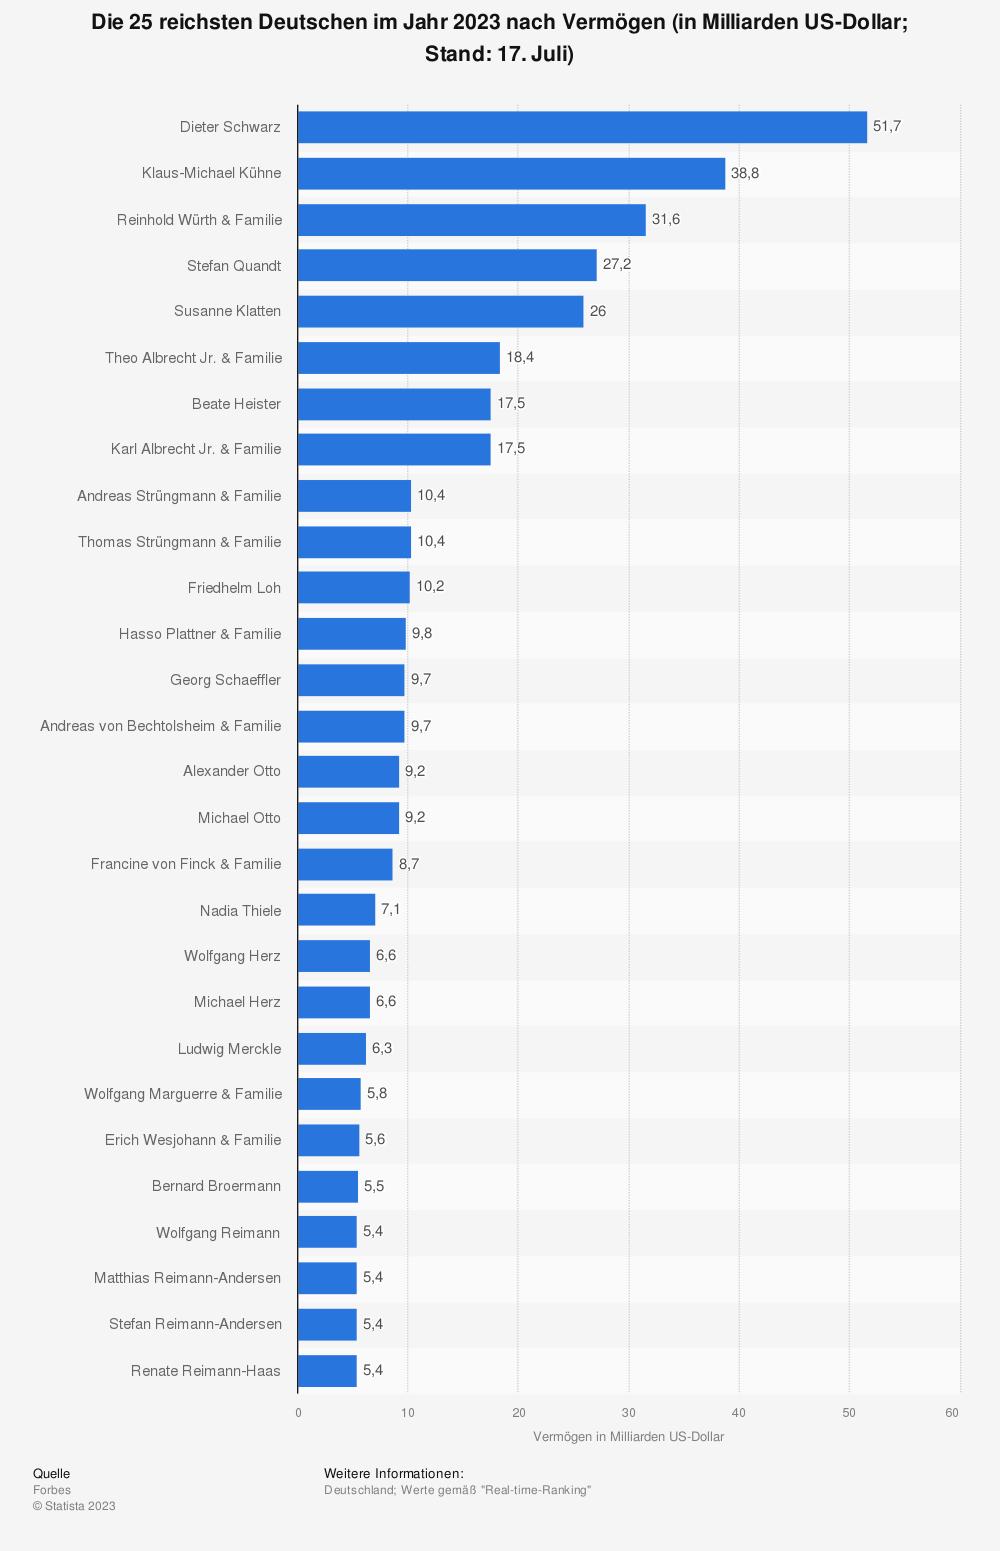 Statistik: Die 25 reichsten Deutschen im Jahr 2019 (Stand: Dezember 2019) nach Vermögen (in Milliarden US-Dollar) | Statista